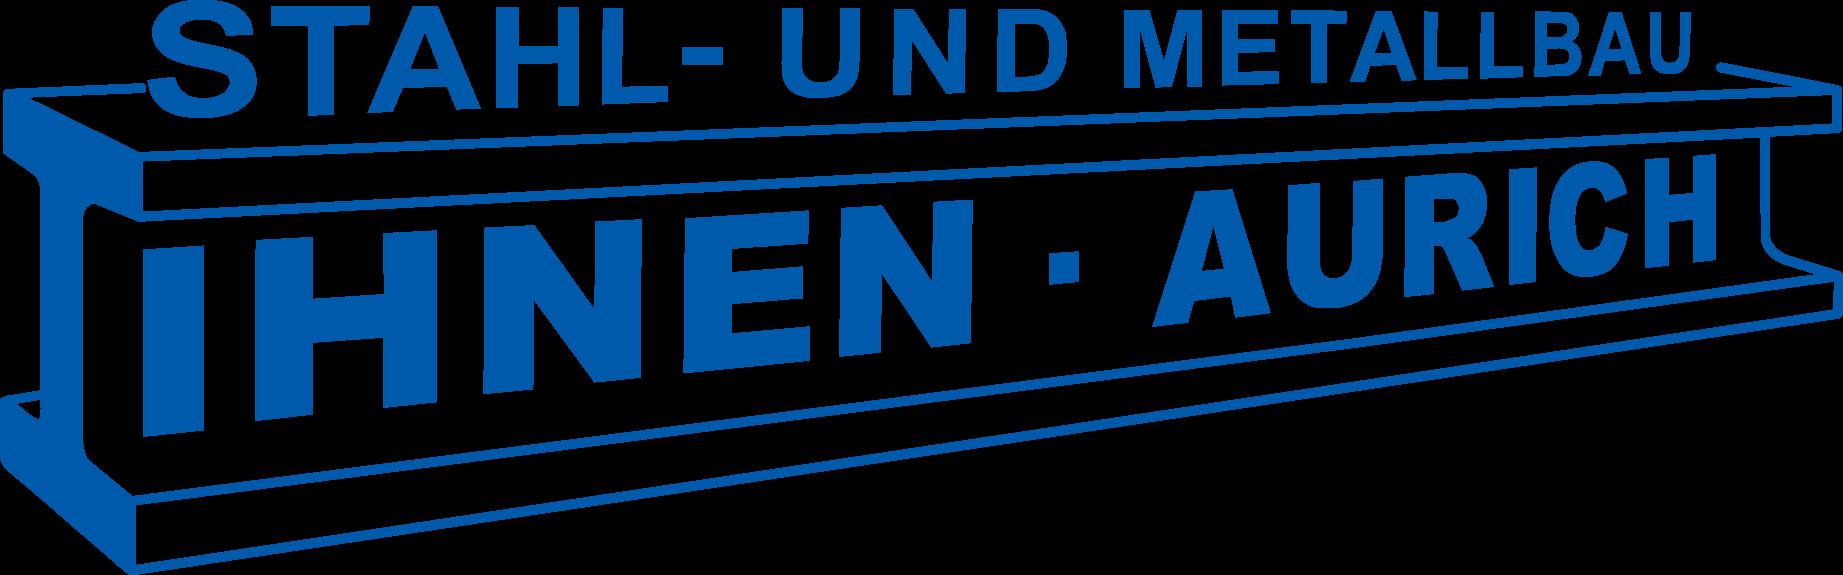 Stahl- und Metallbau Ihnen GmbH & Co. KG